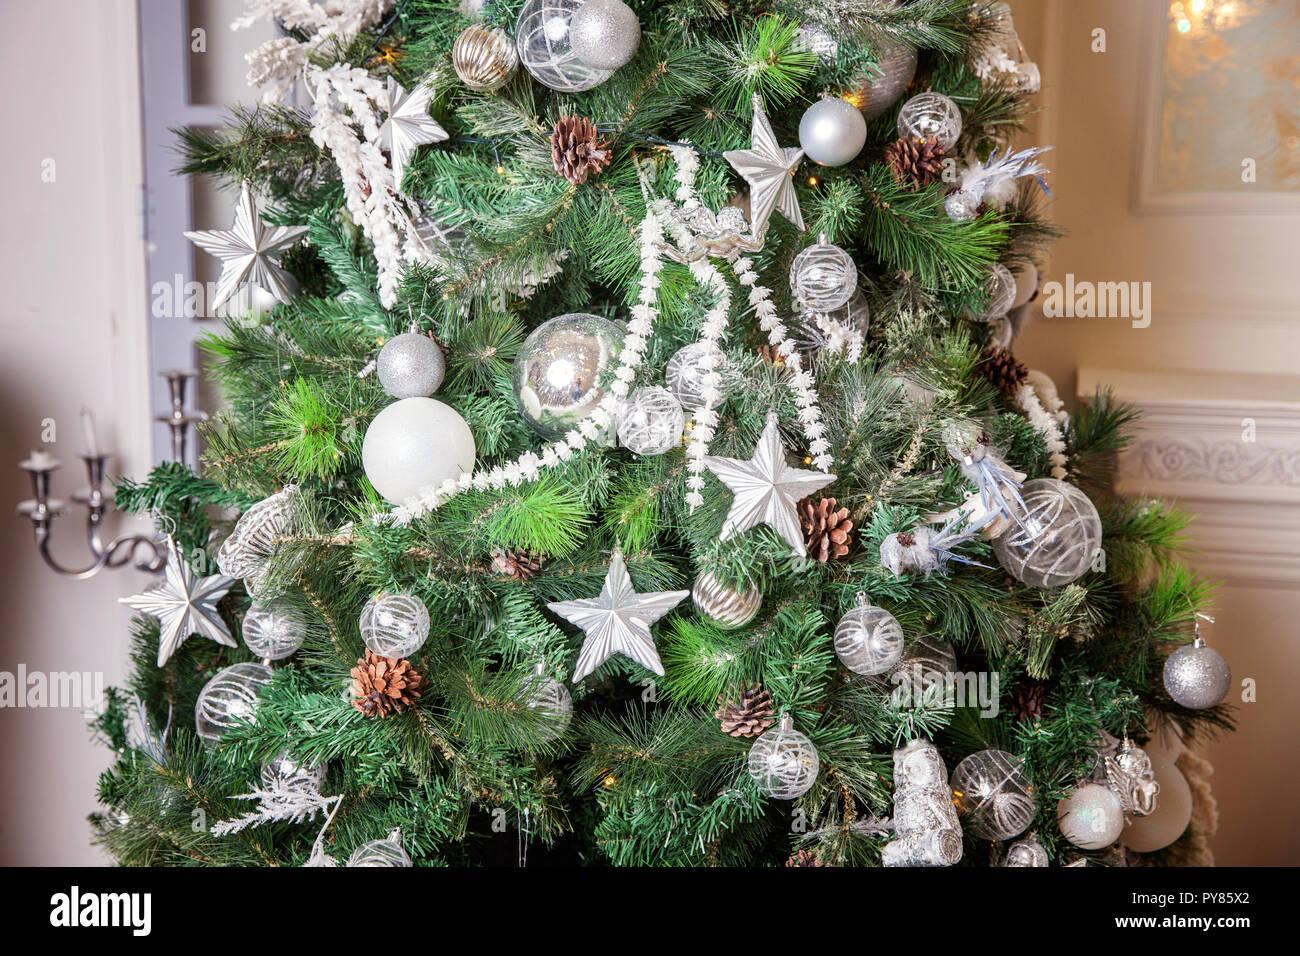 Weihnachtsbaum Silber Weiß.Klassische Weihnachten Und Neujahr Innenraum Mit Geschenken Und